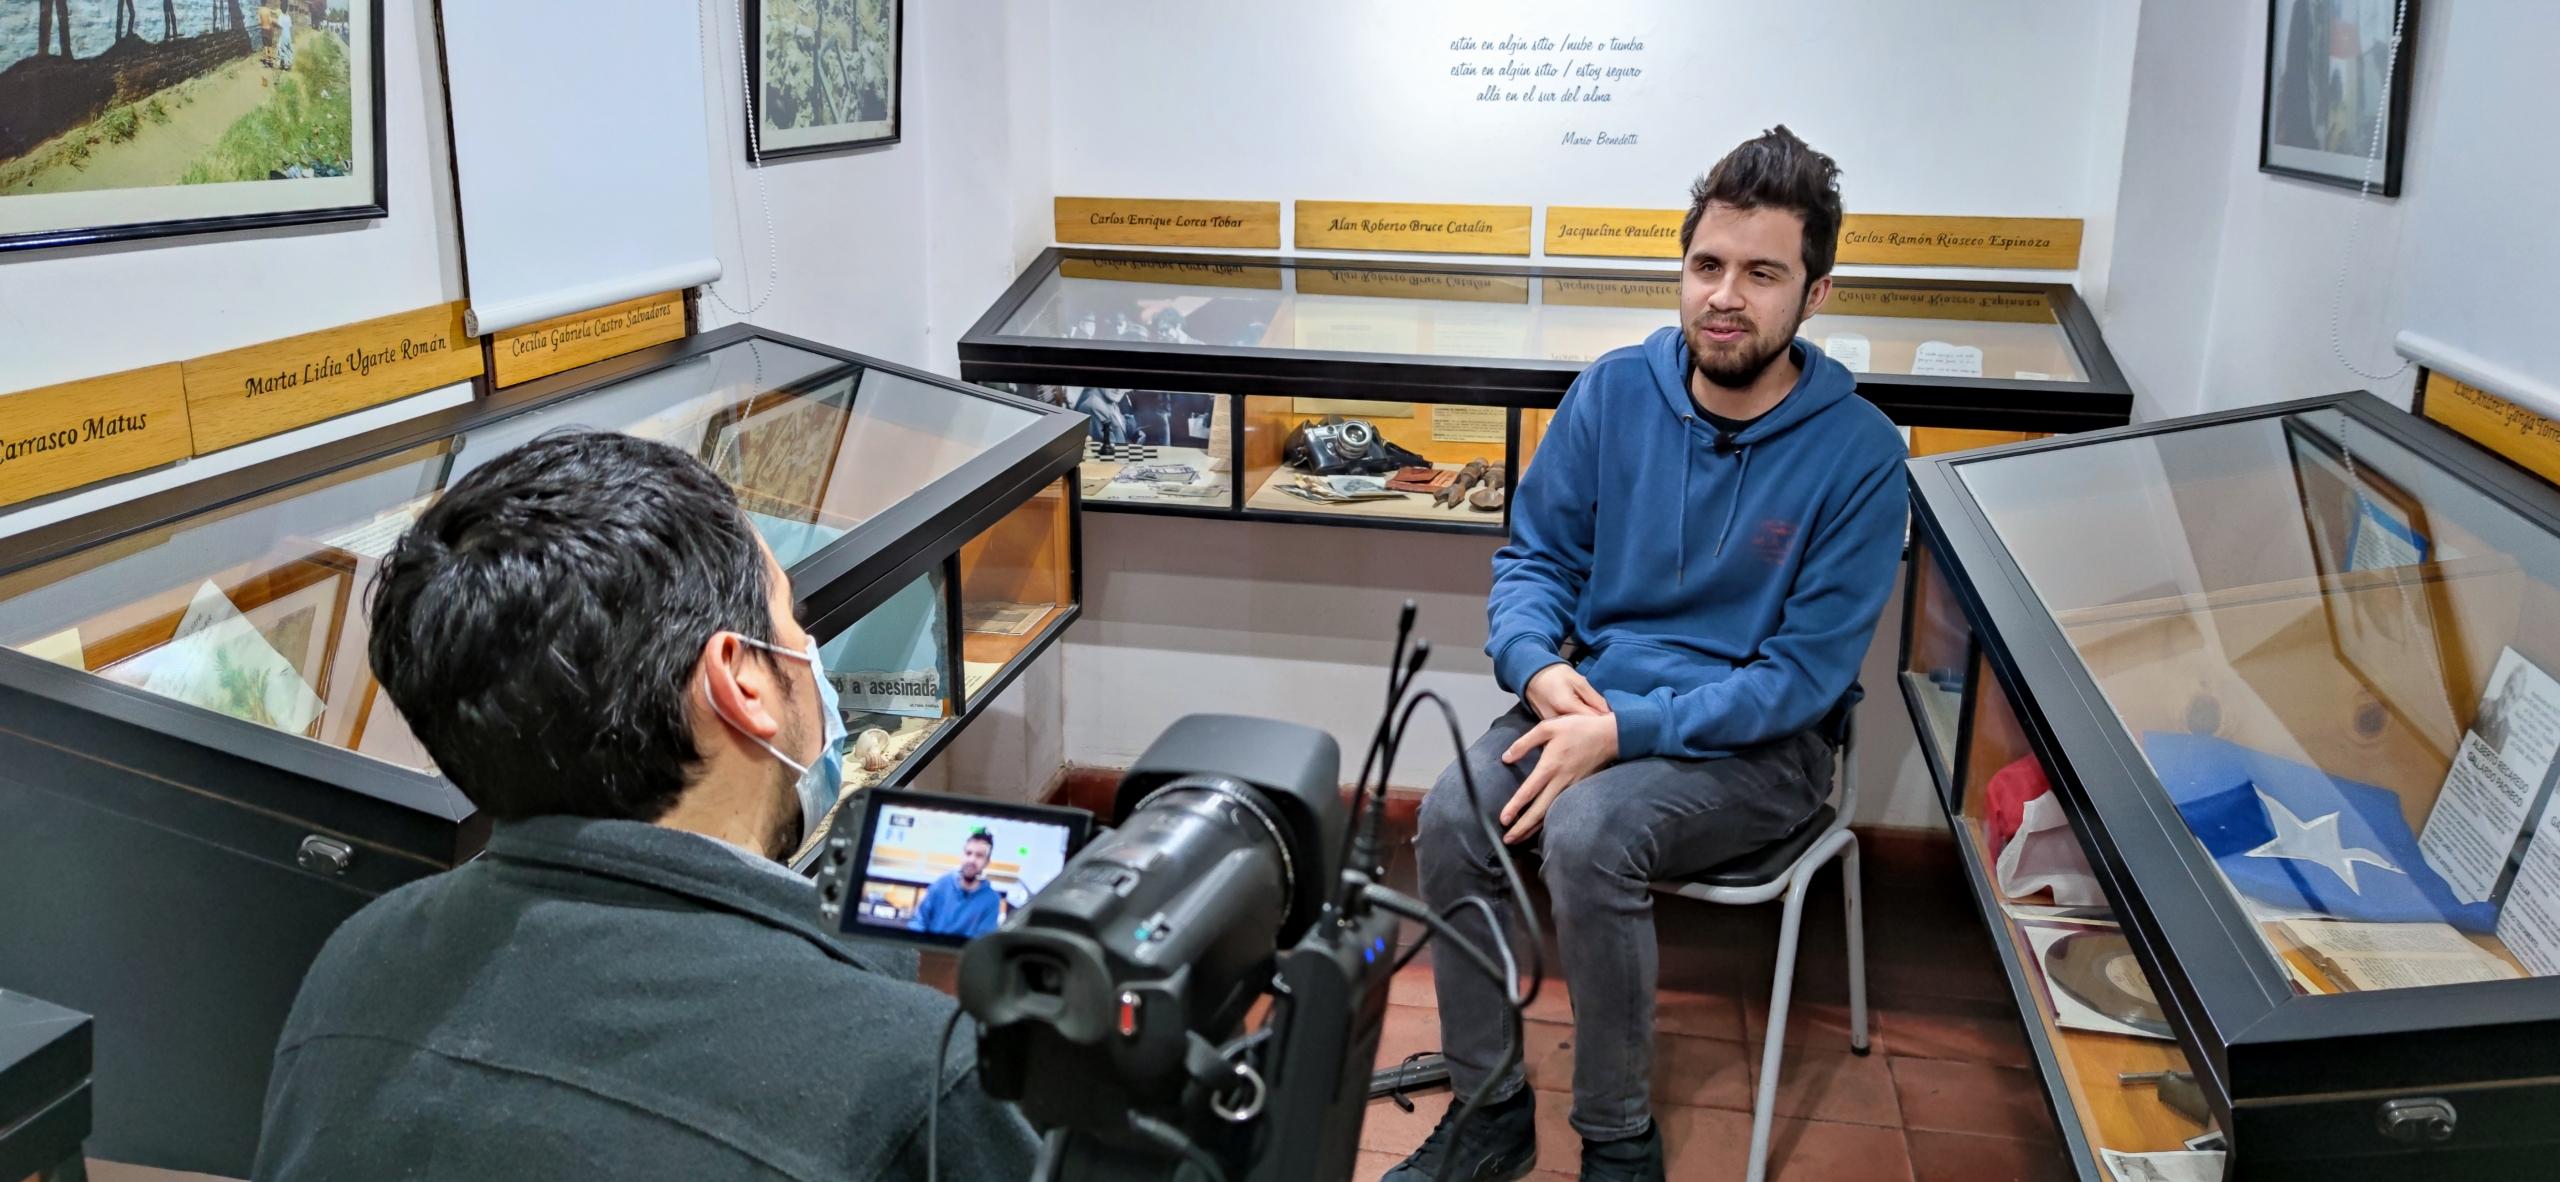 Con el testimonio de Gustavo Gatica comienza nueva colección del Archivo Oral de Villa Grimaldi respecto al estallido social